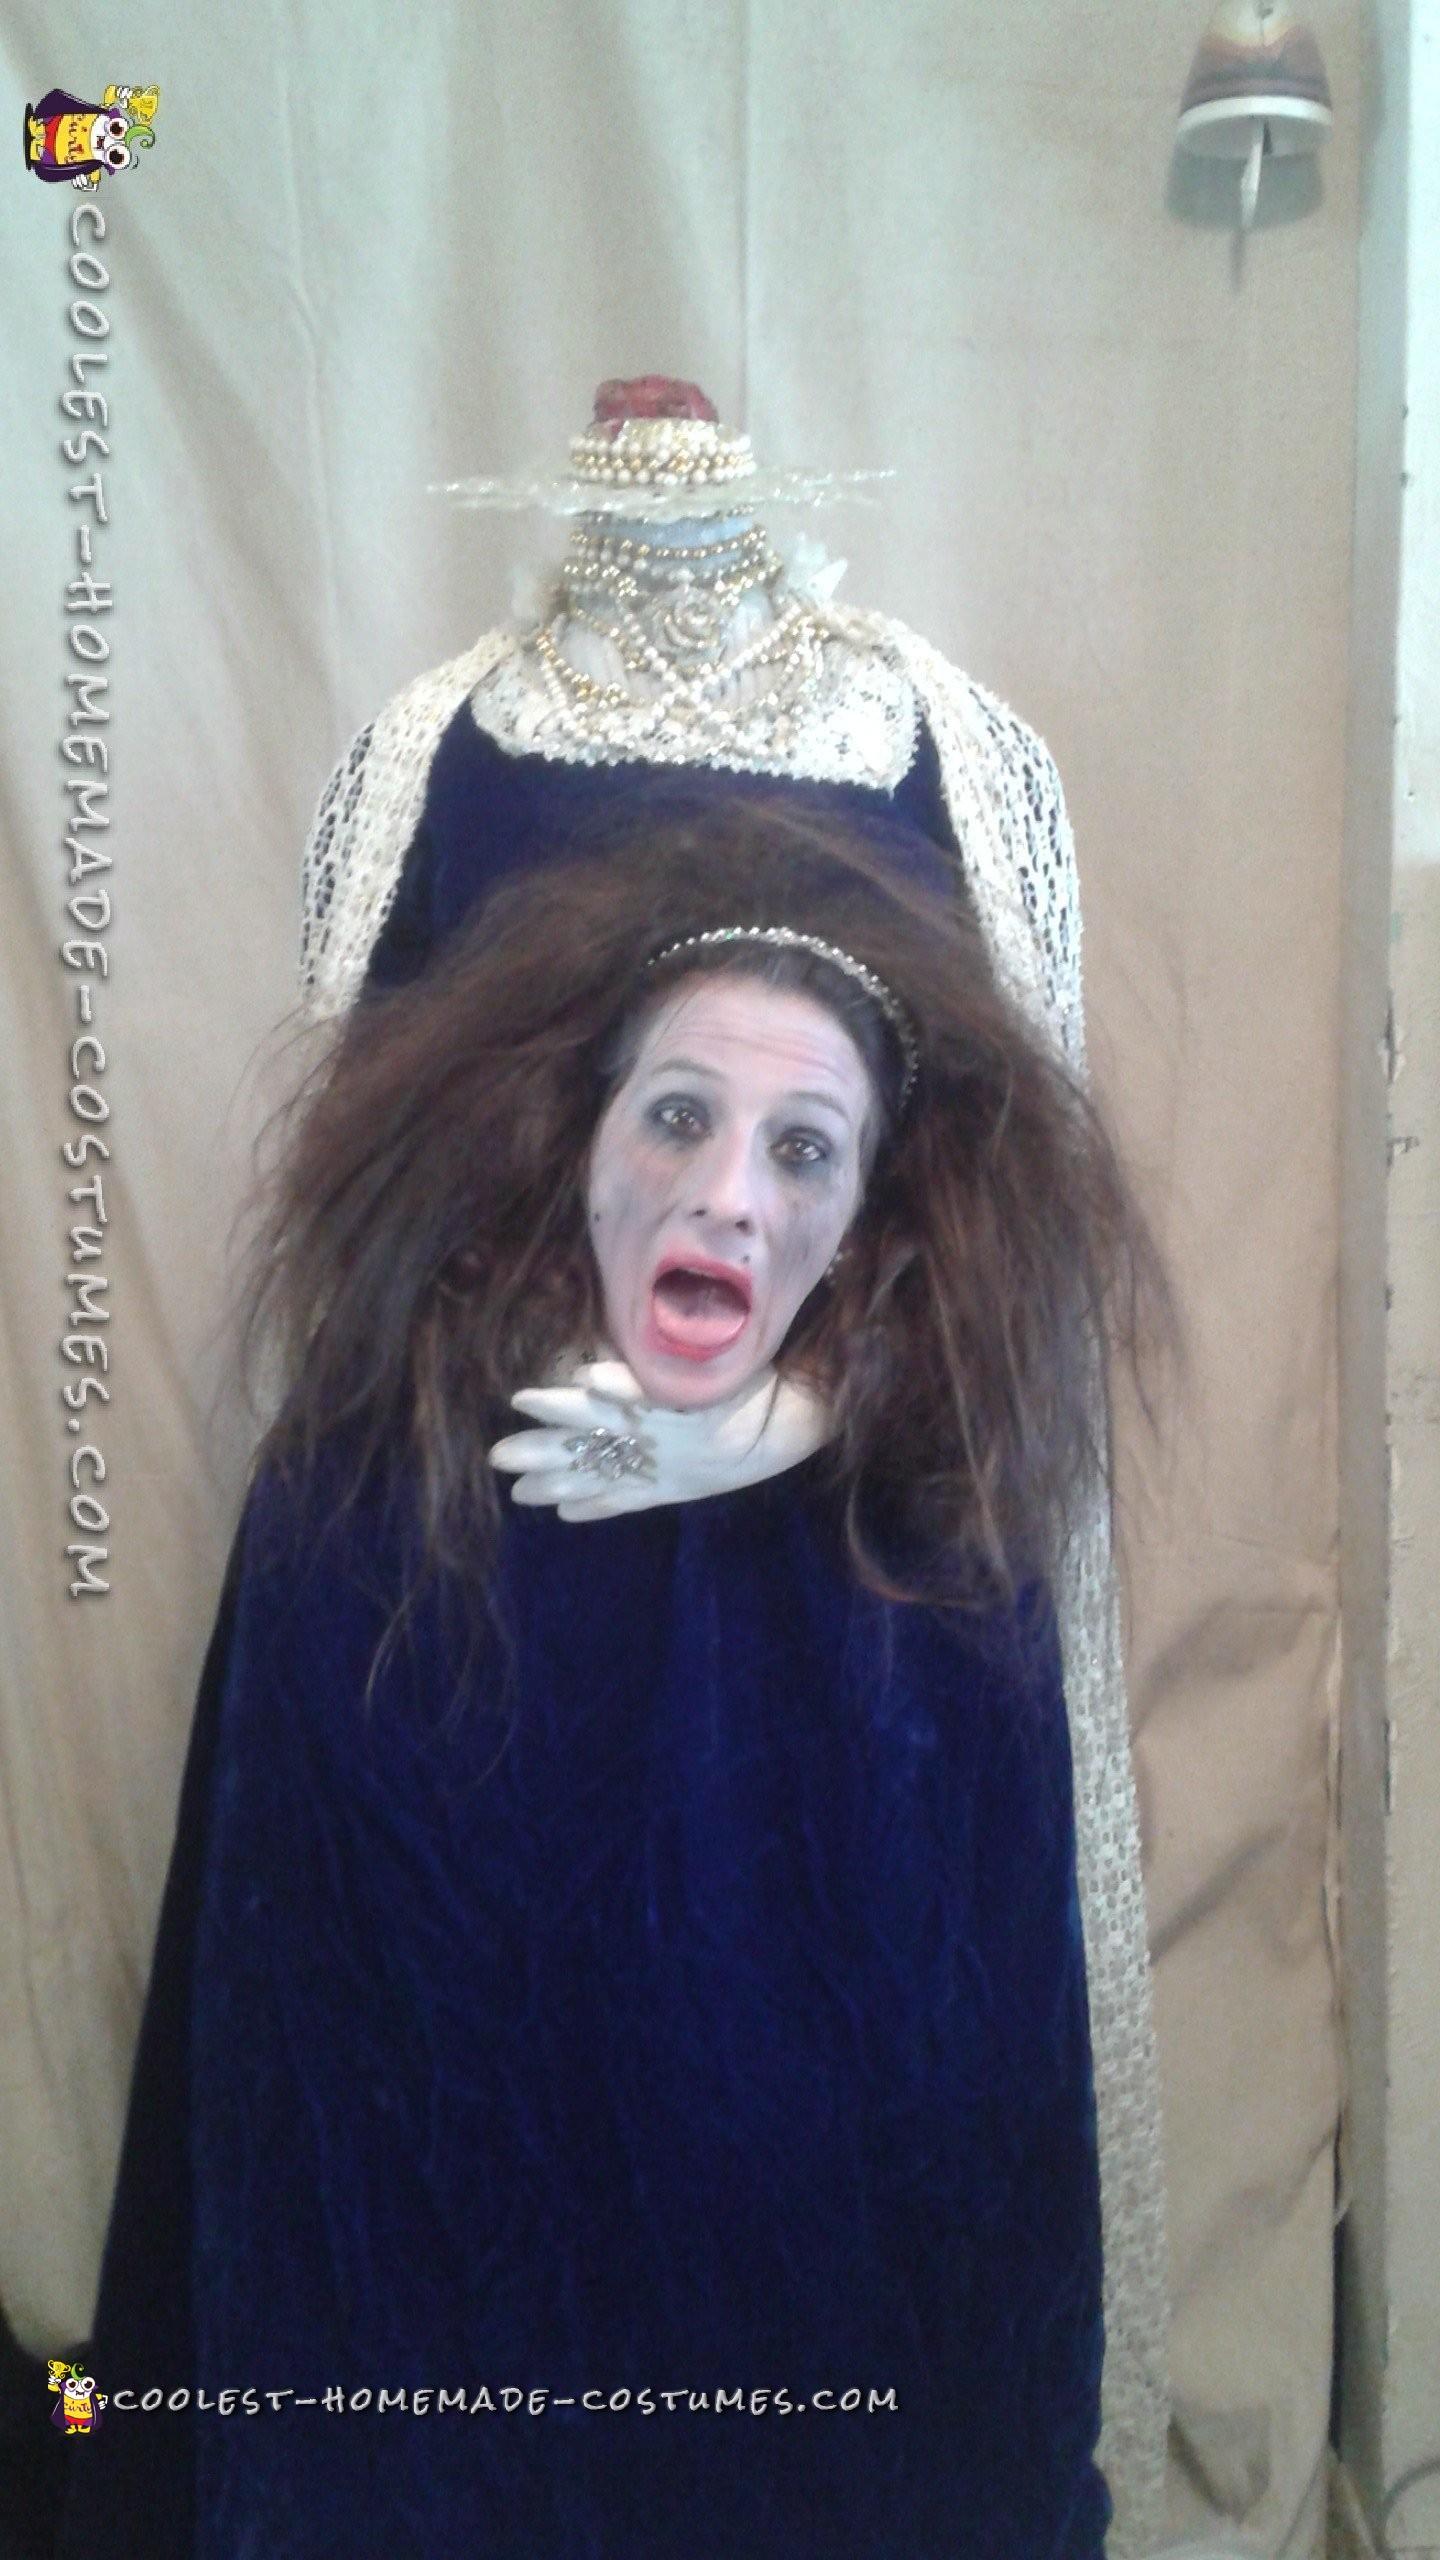 Headless Queen Costume